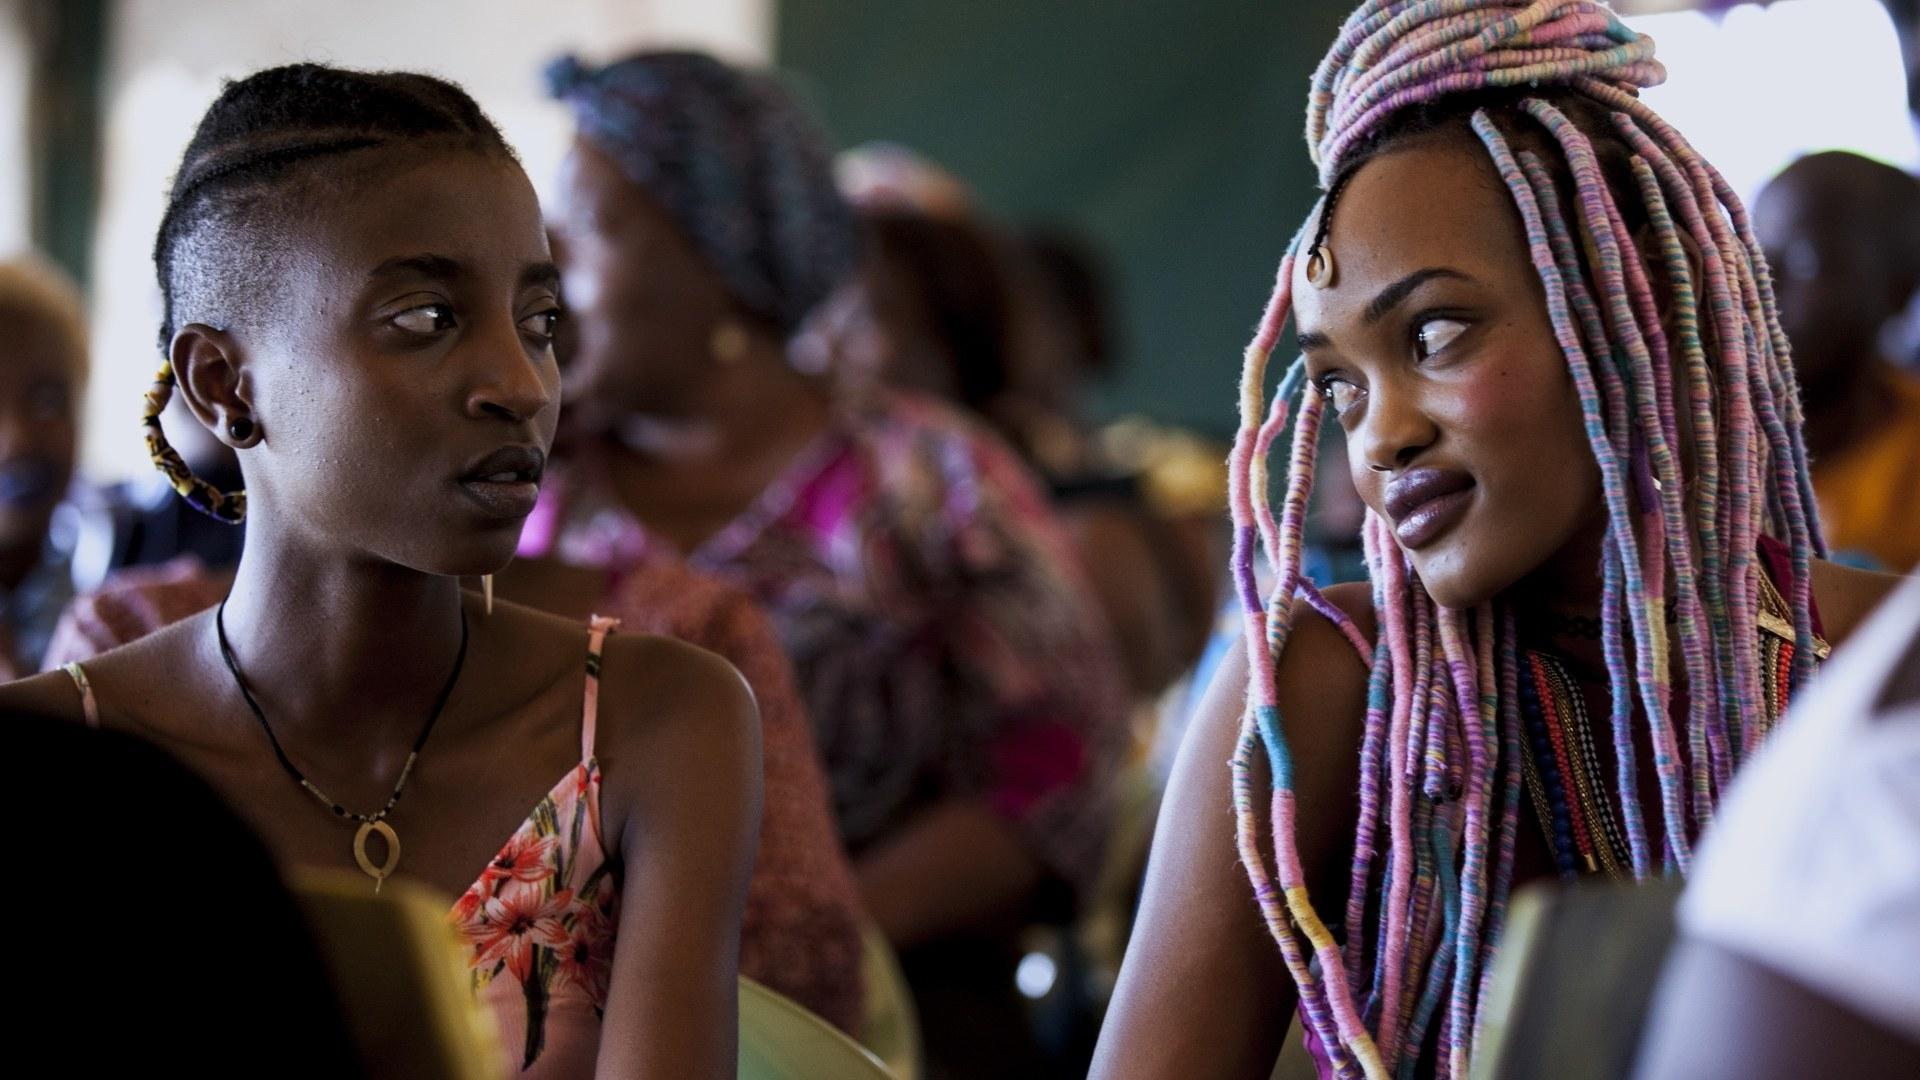 Samantha Mugatsia and Sheila Munyiva stare at each other